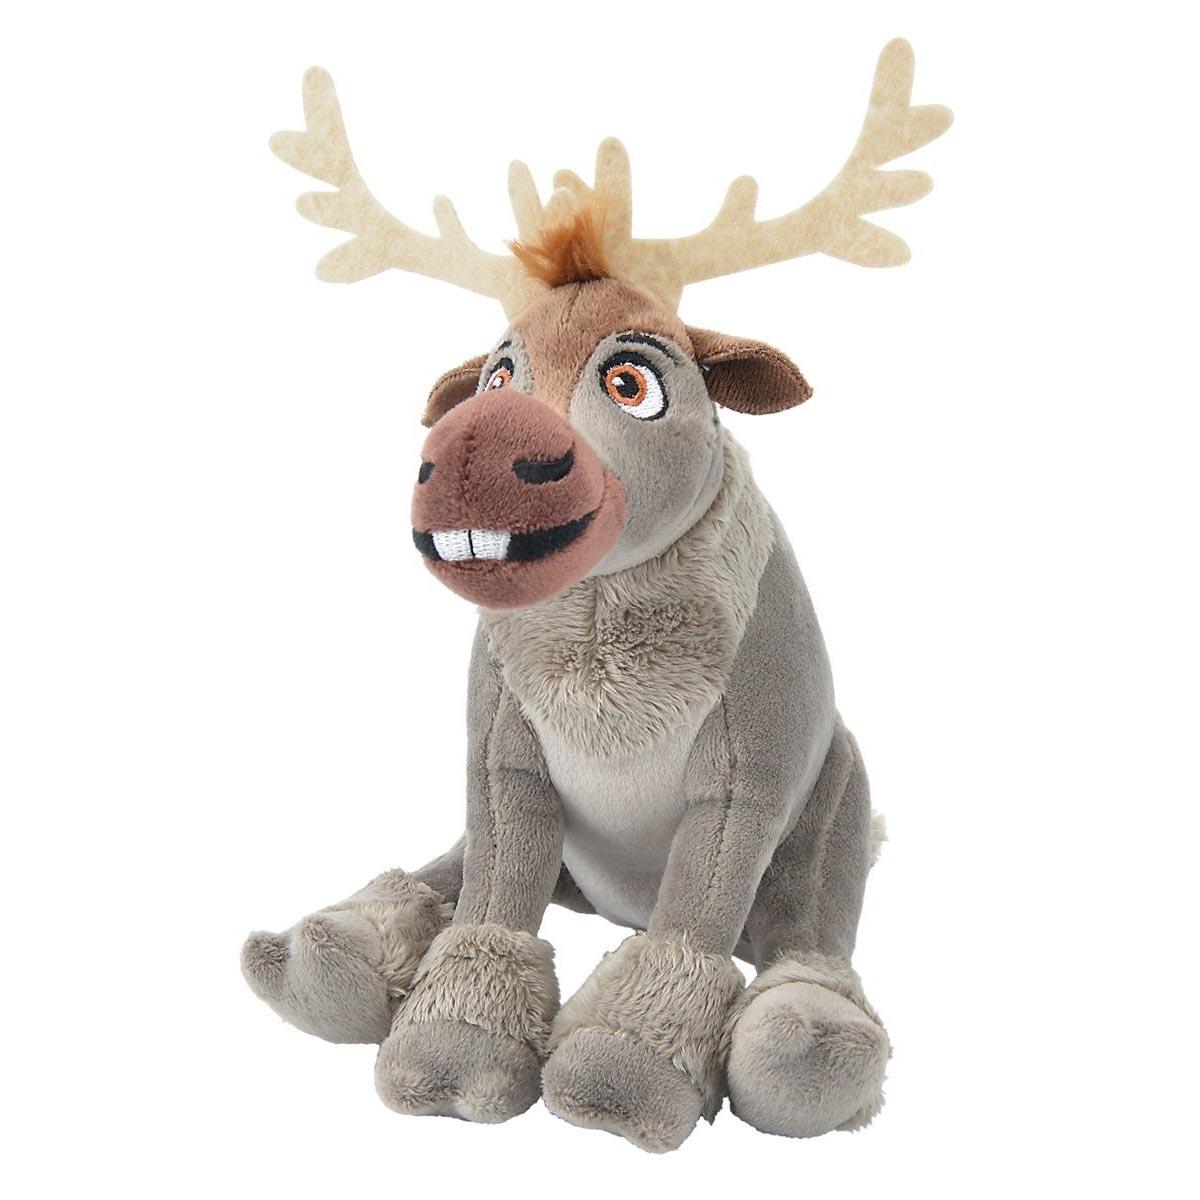 Мягкая игрушка - Свен, 25 см.Мягкие игрушки Disney<br>Мягкая игрушка - Свен, 25 см.<br>